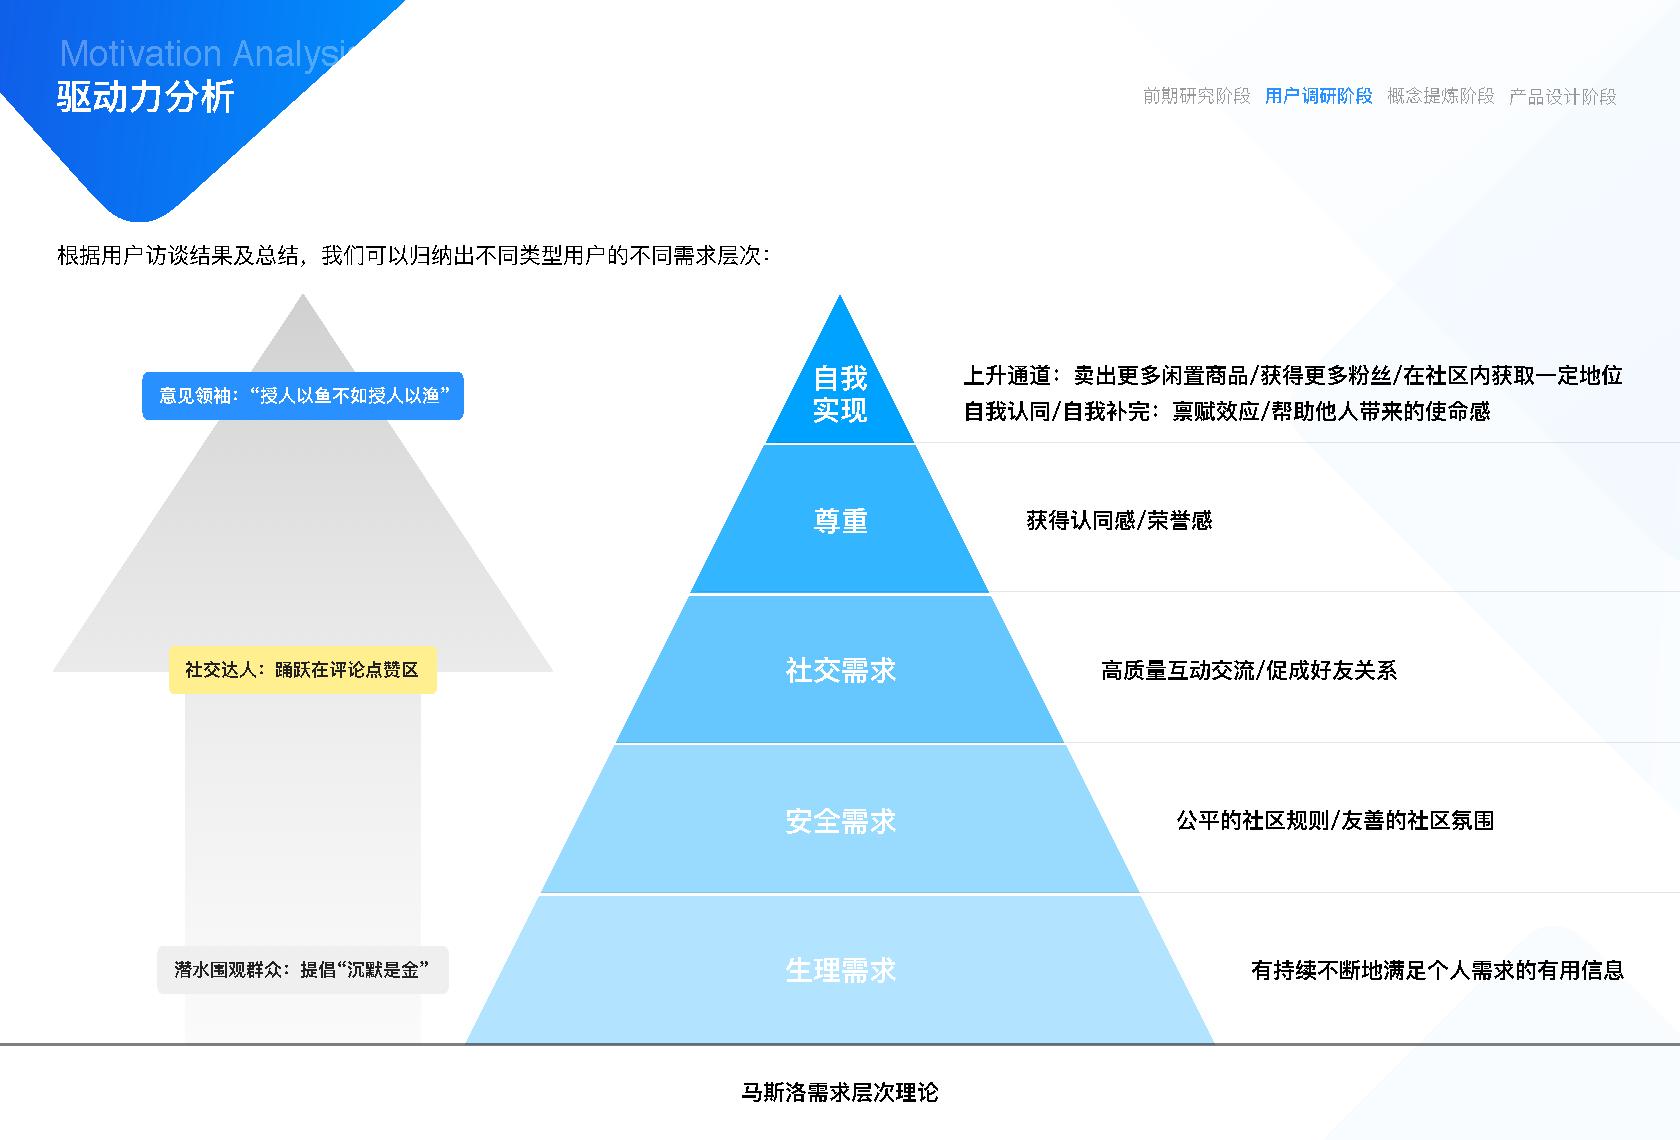 闲鱼社区互动设计(17小组油猫饼)_页面_10.png